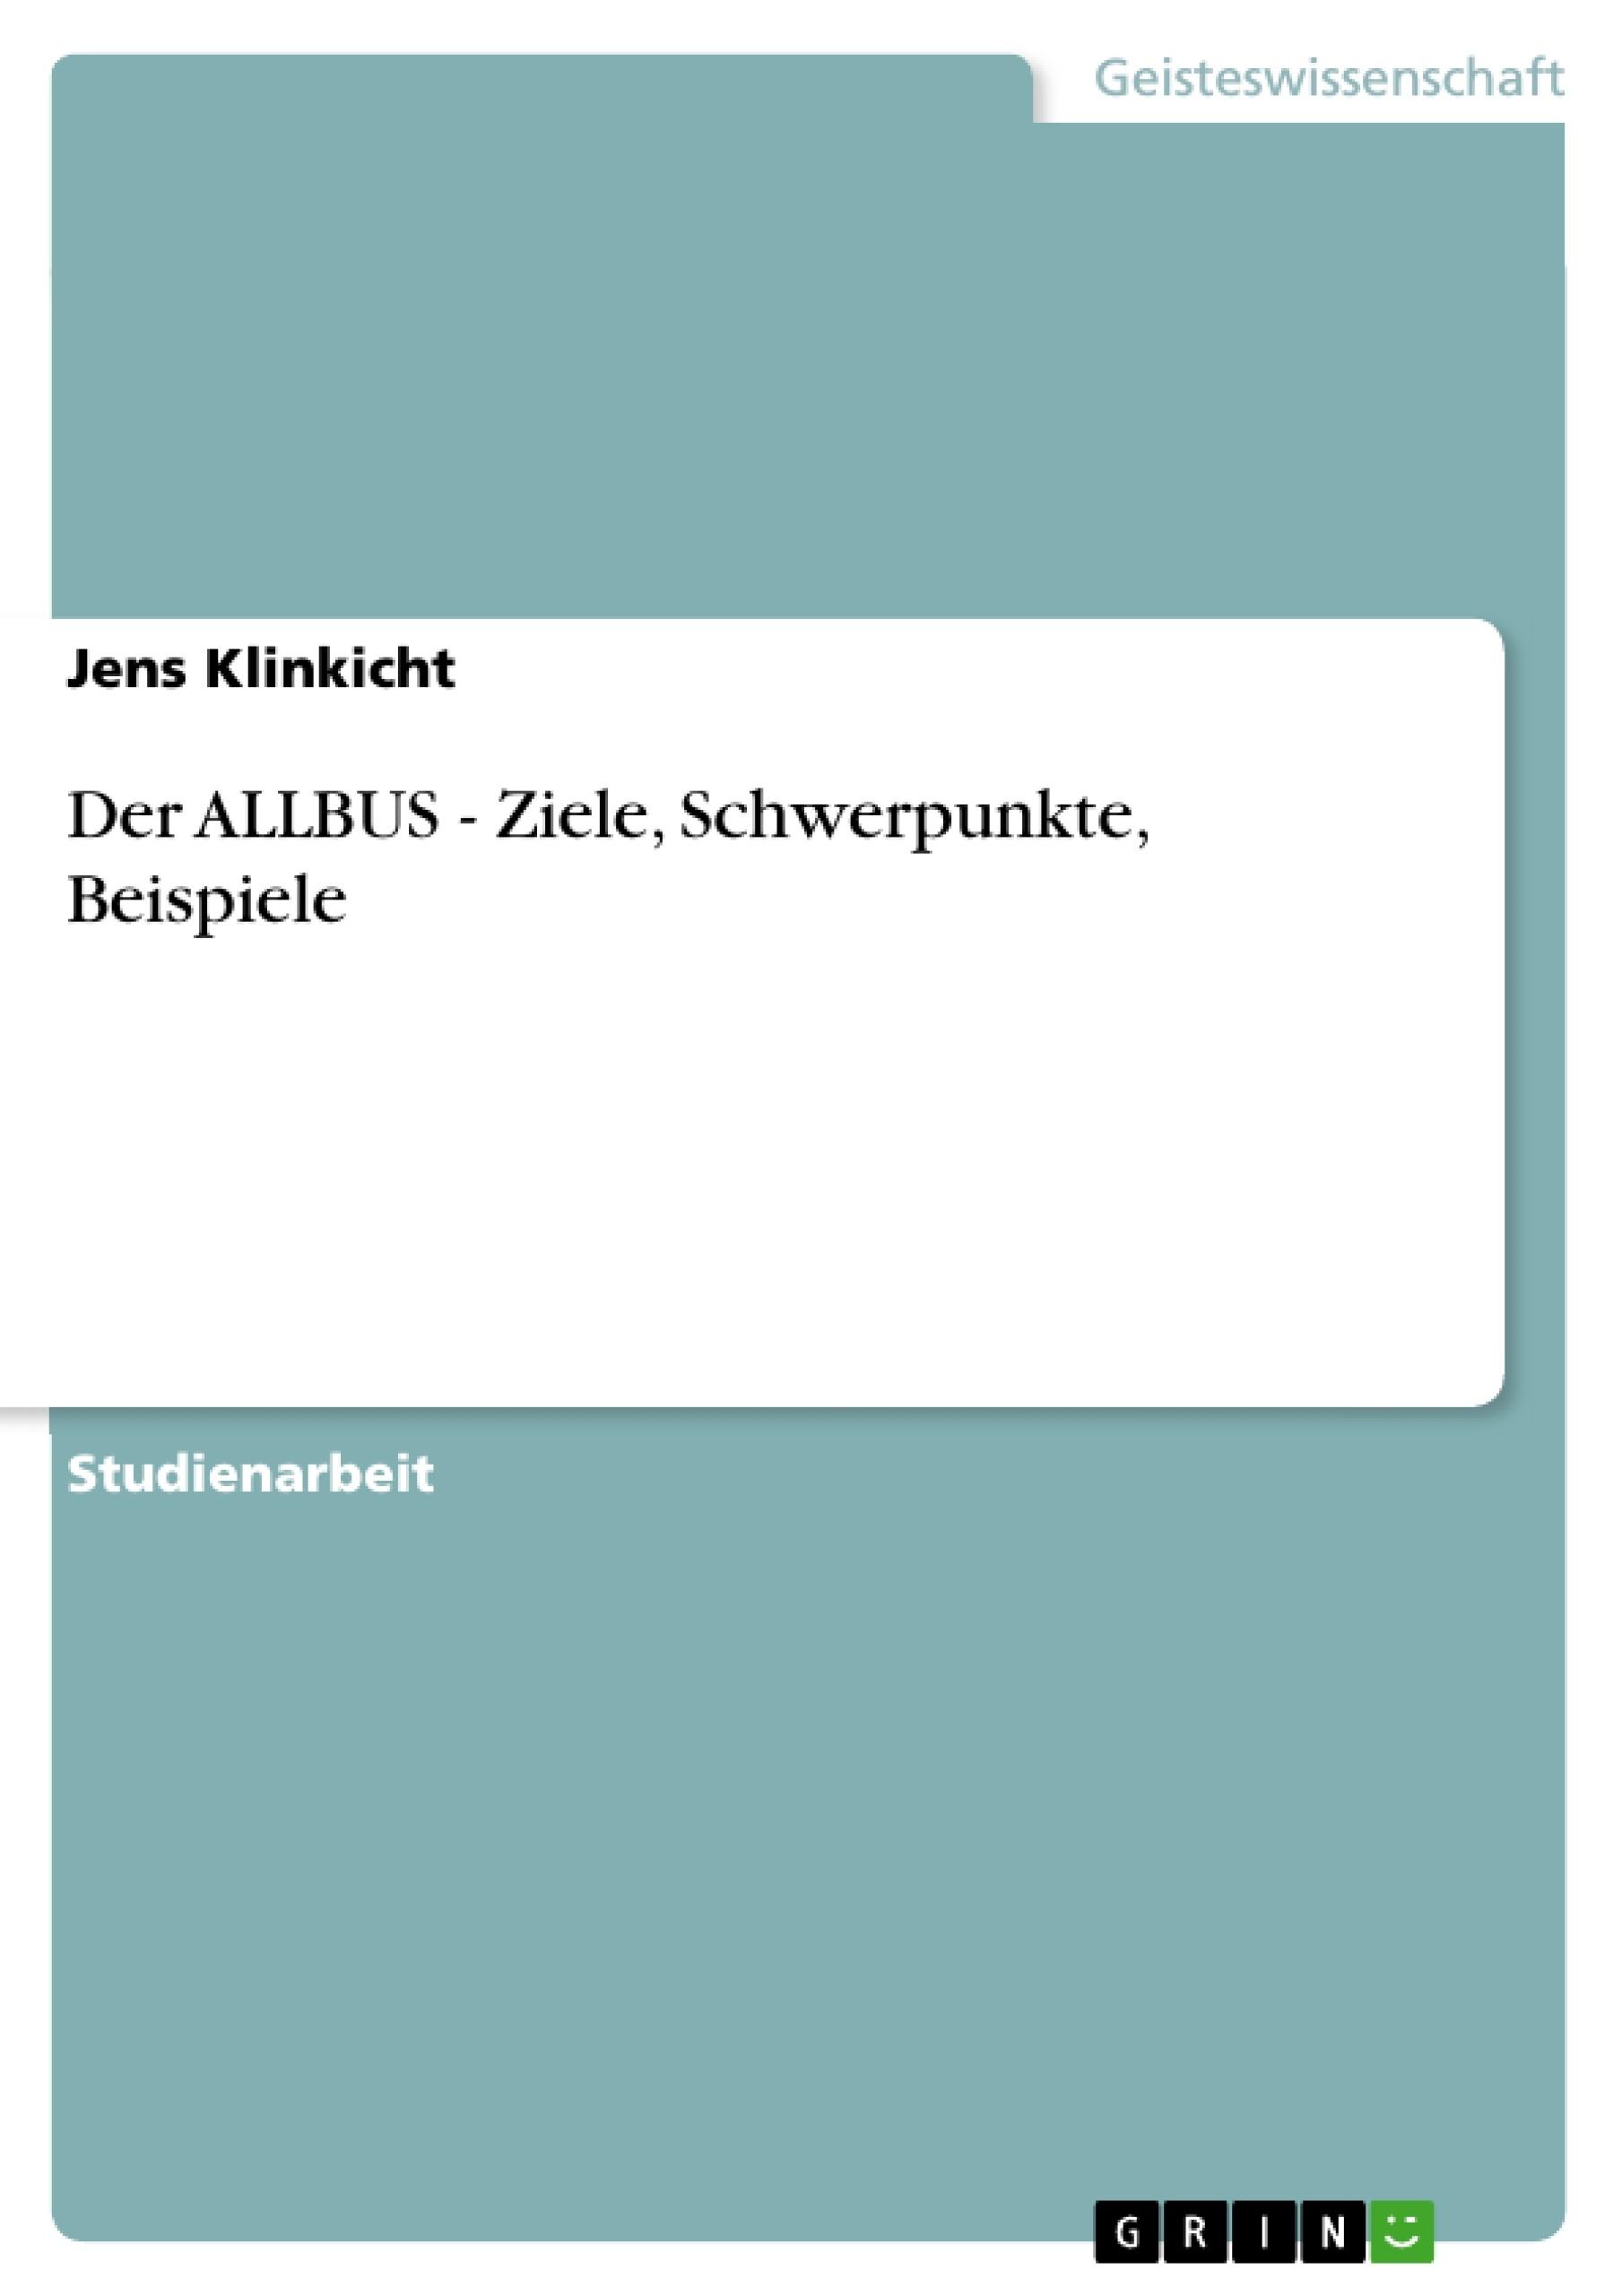 Titel: Der ALLBUS - Ziele, Schwerpunkte, Beispiele